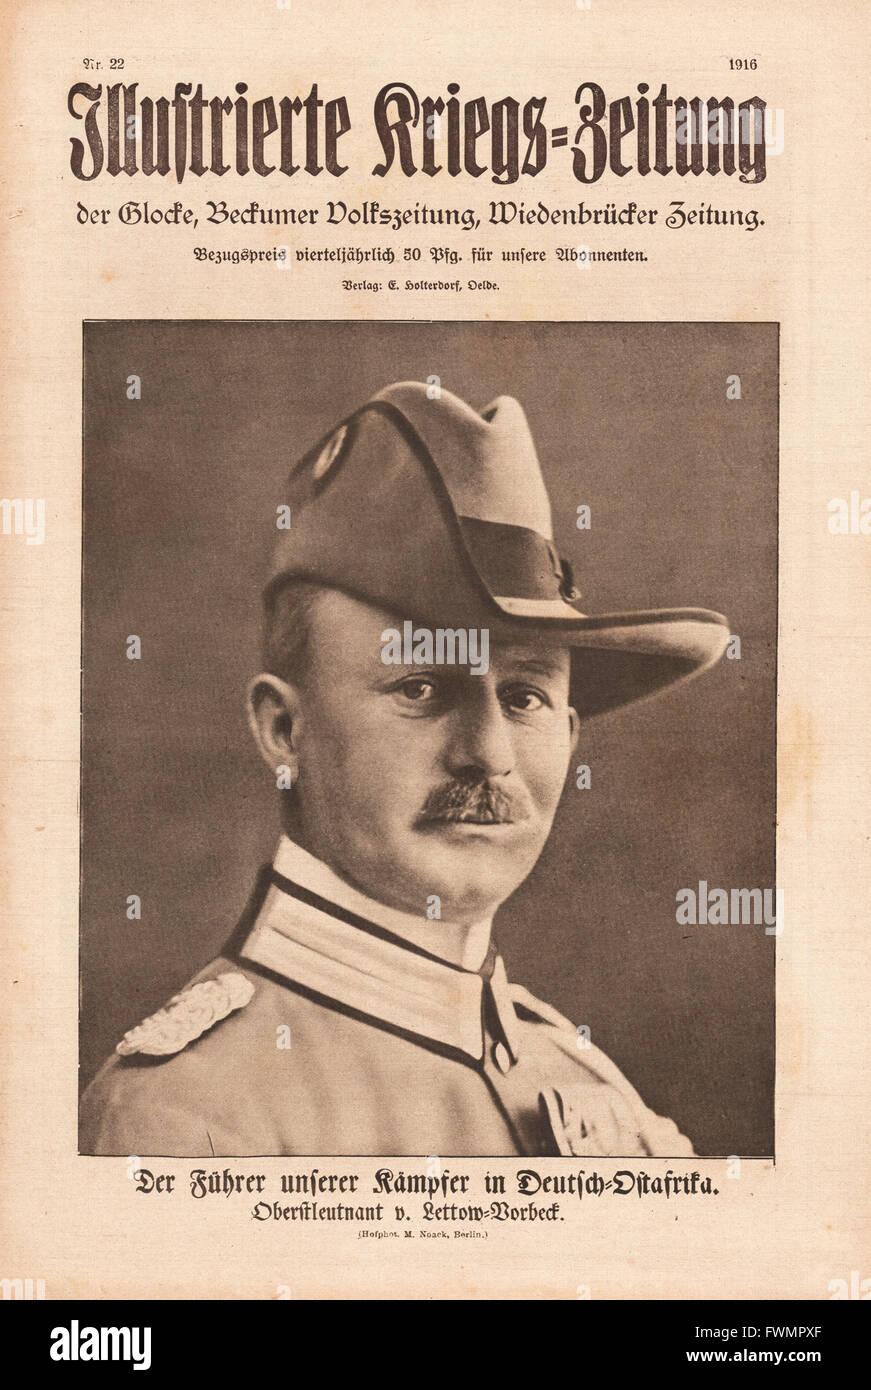 1916 Illustrierte Kriegs-Zeitung front page General Paul Emil von Lettow-Vorbeck - Stock Image